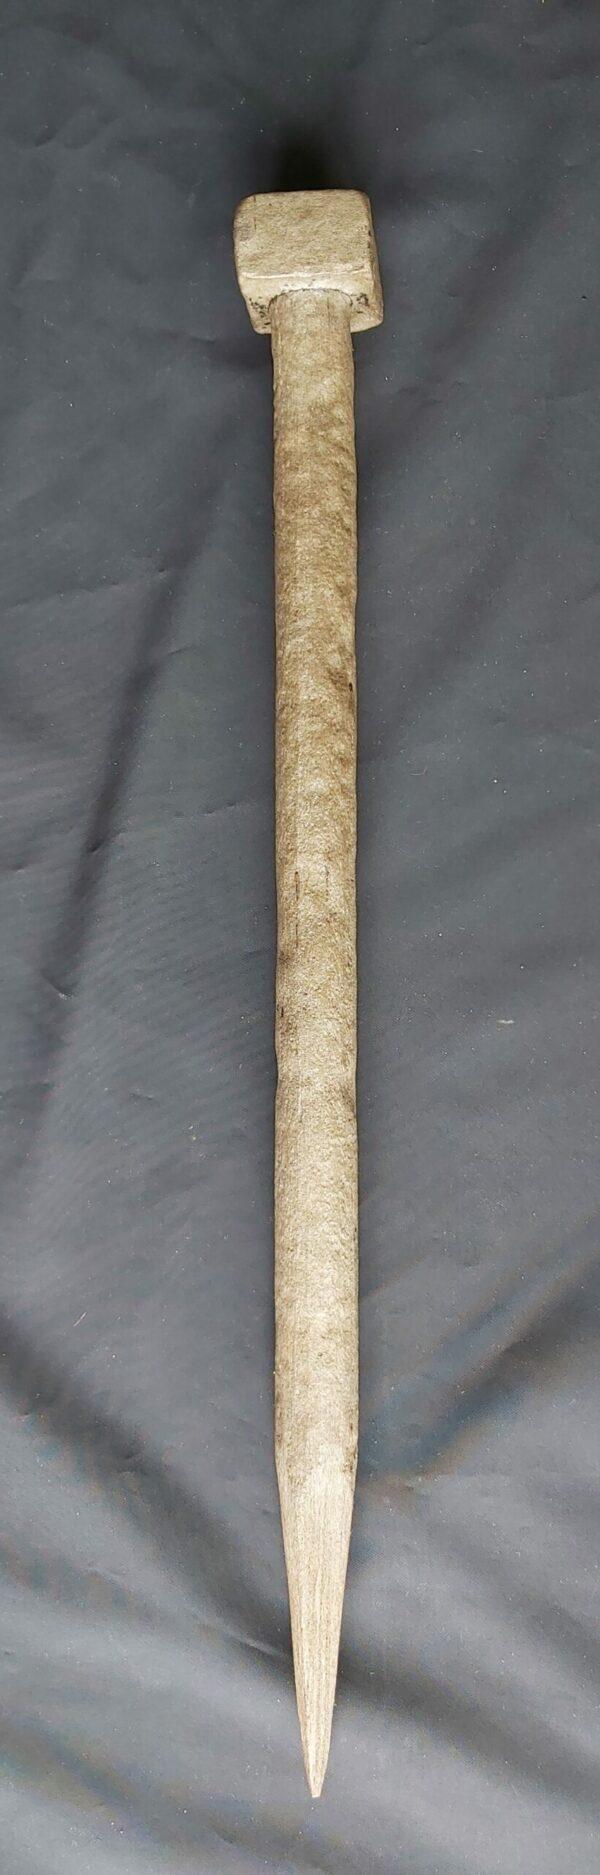 Paku Bumi - ZK-467-HMZ